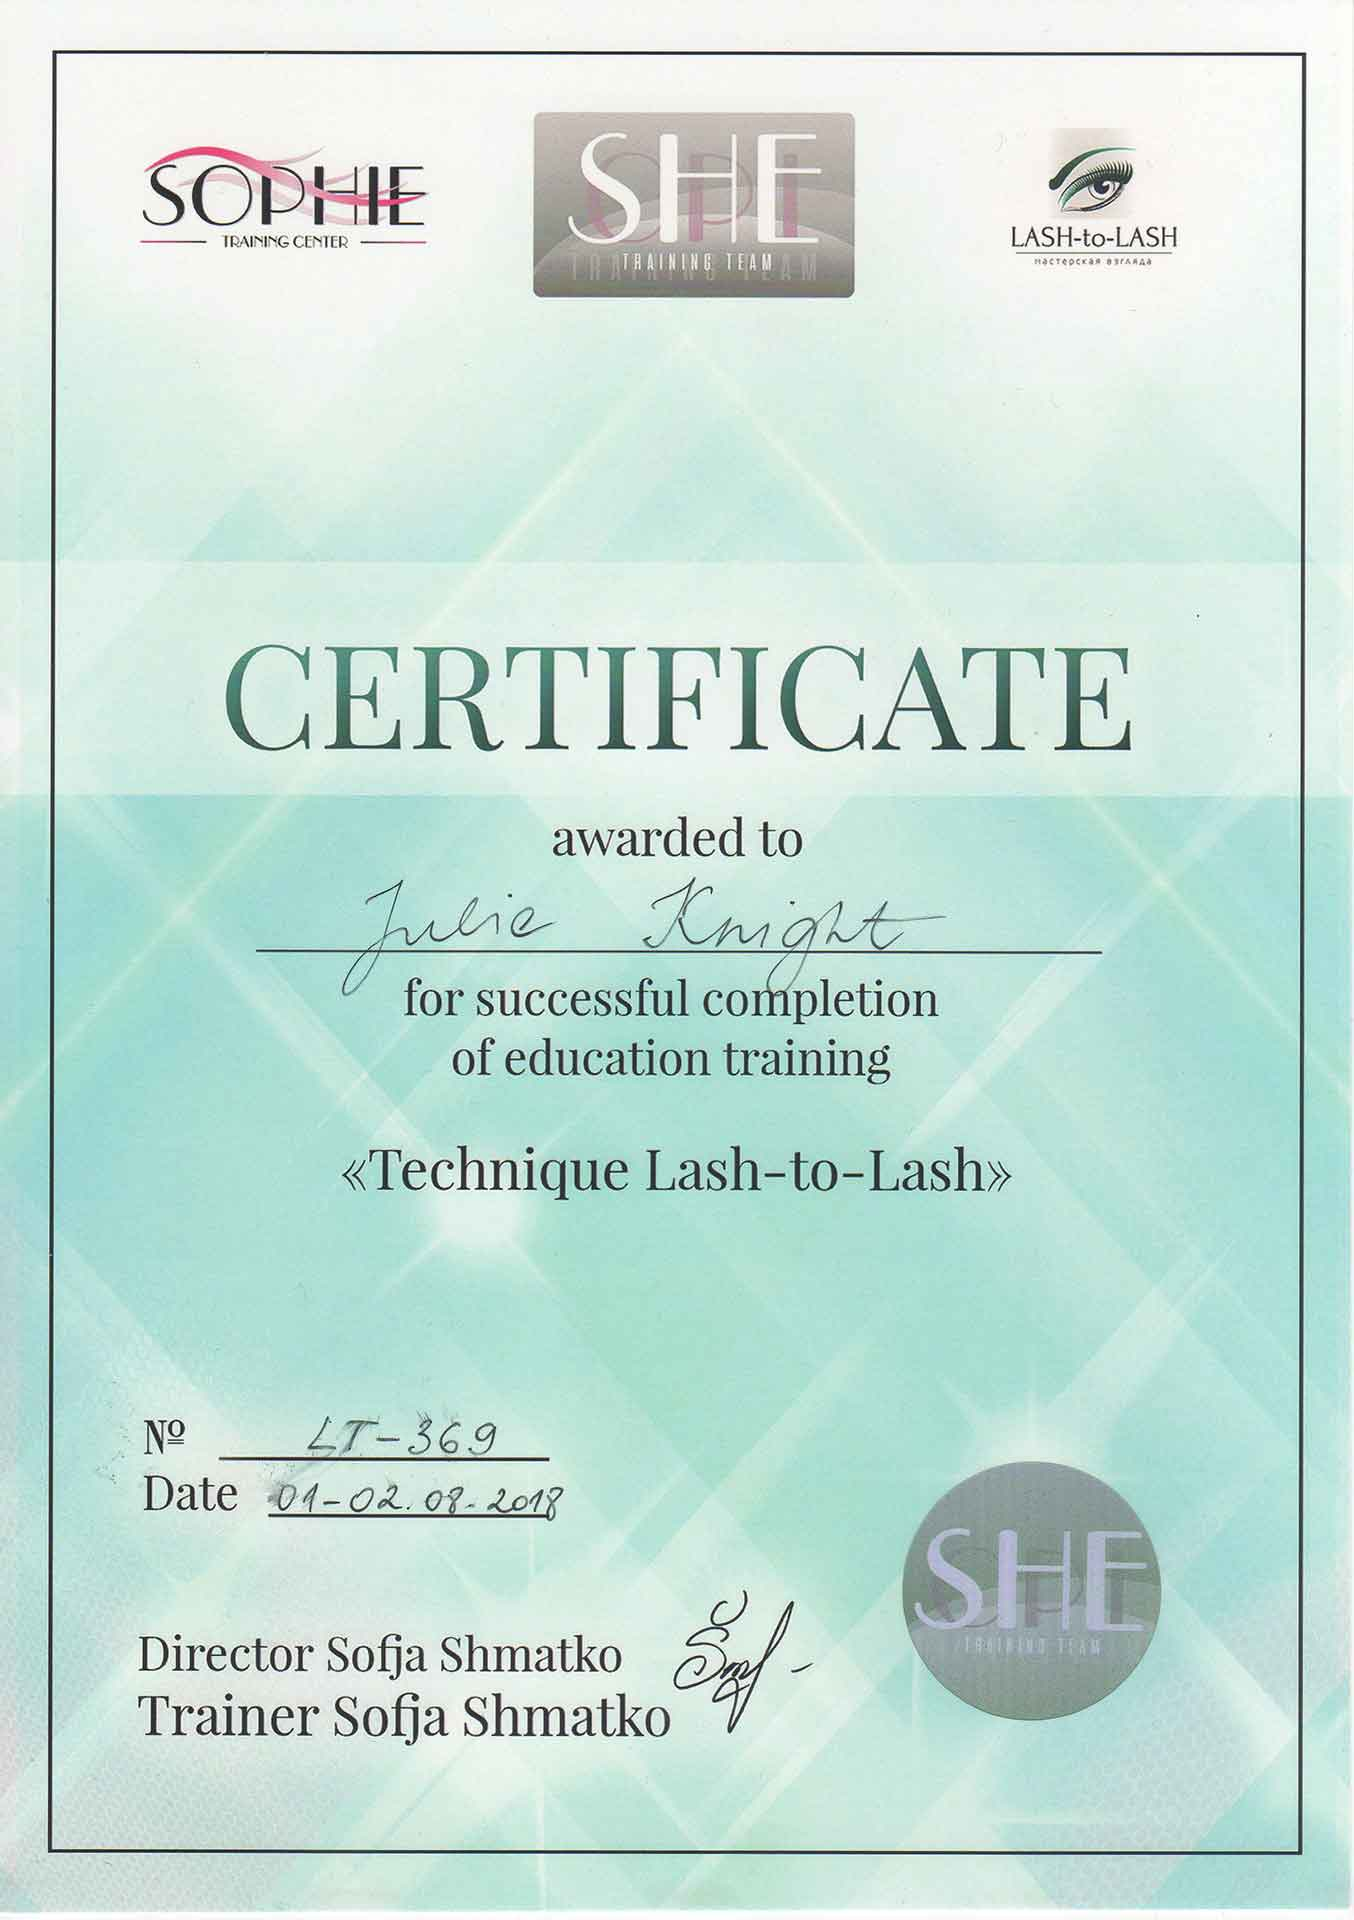 Julie-Knight-Sophie-Lash-To-Lash-Technique-Certificate